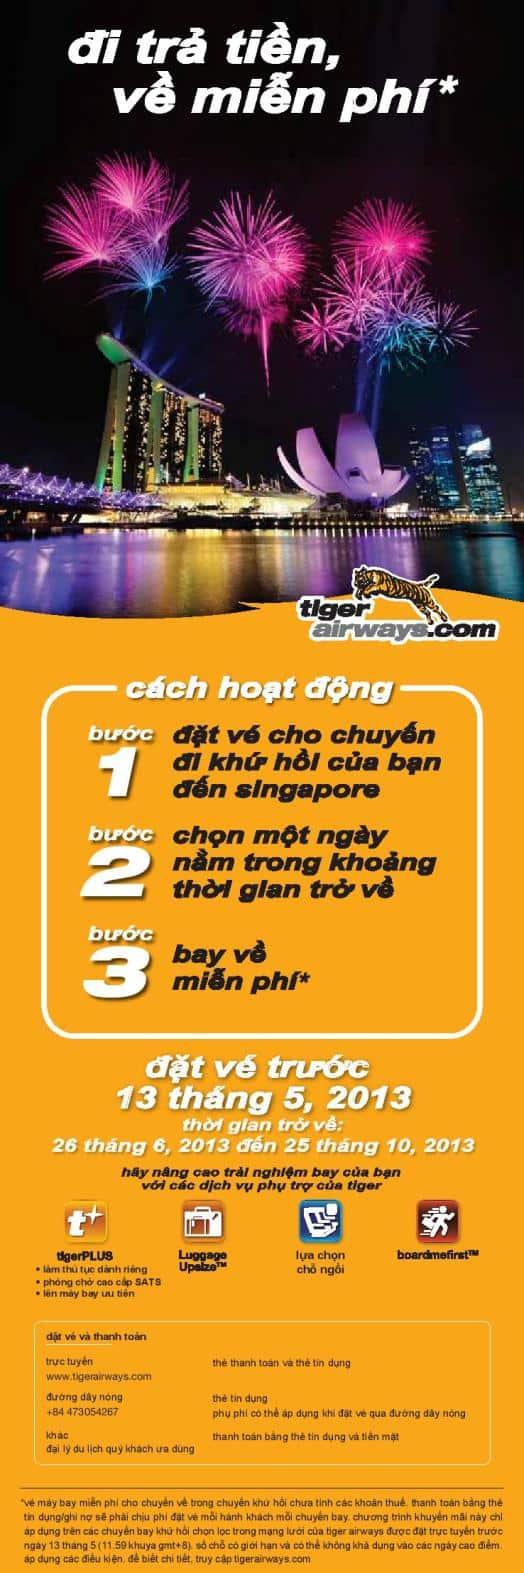 Tigerair poster – Viet-page-001